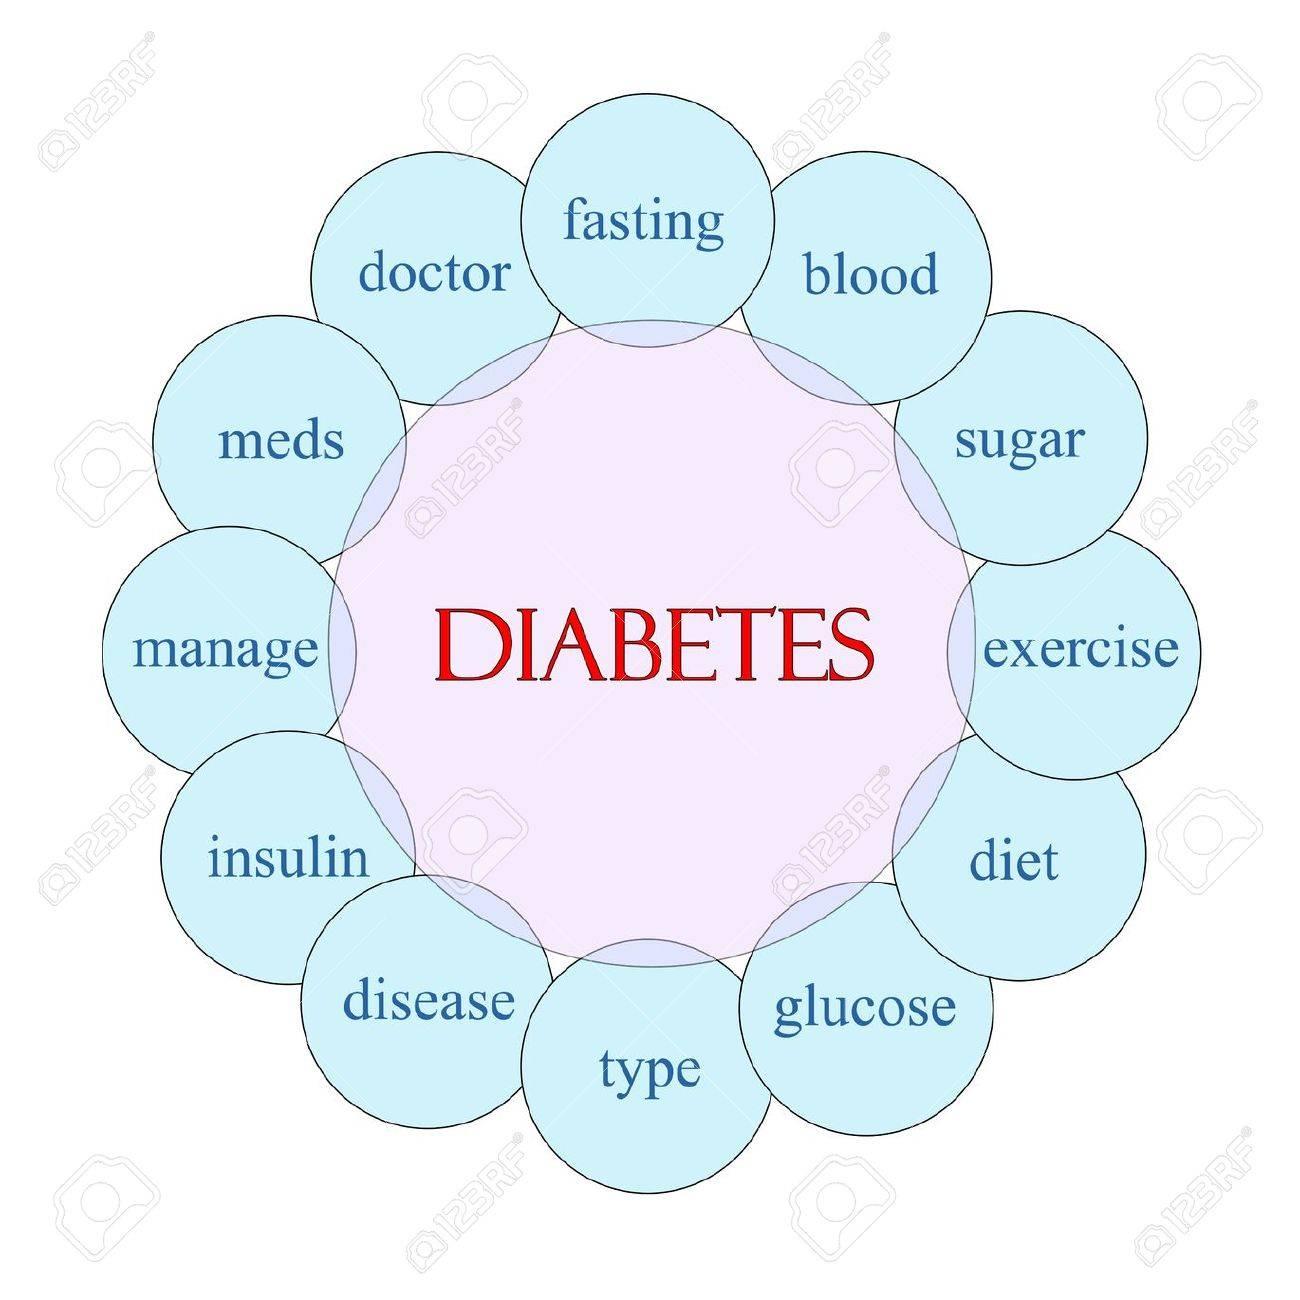 banque d'images - diagramme circulaire concept de diab�te en rose et bleu  avec d'excellentes conditions telles que l'insuline, le glucose, le sang,